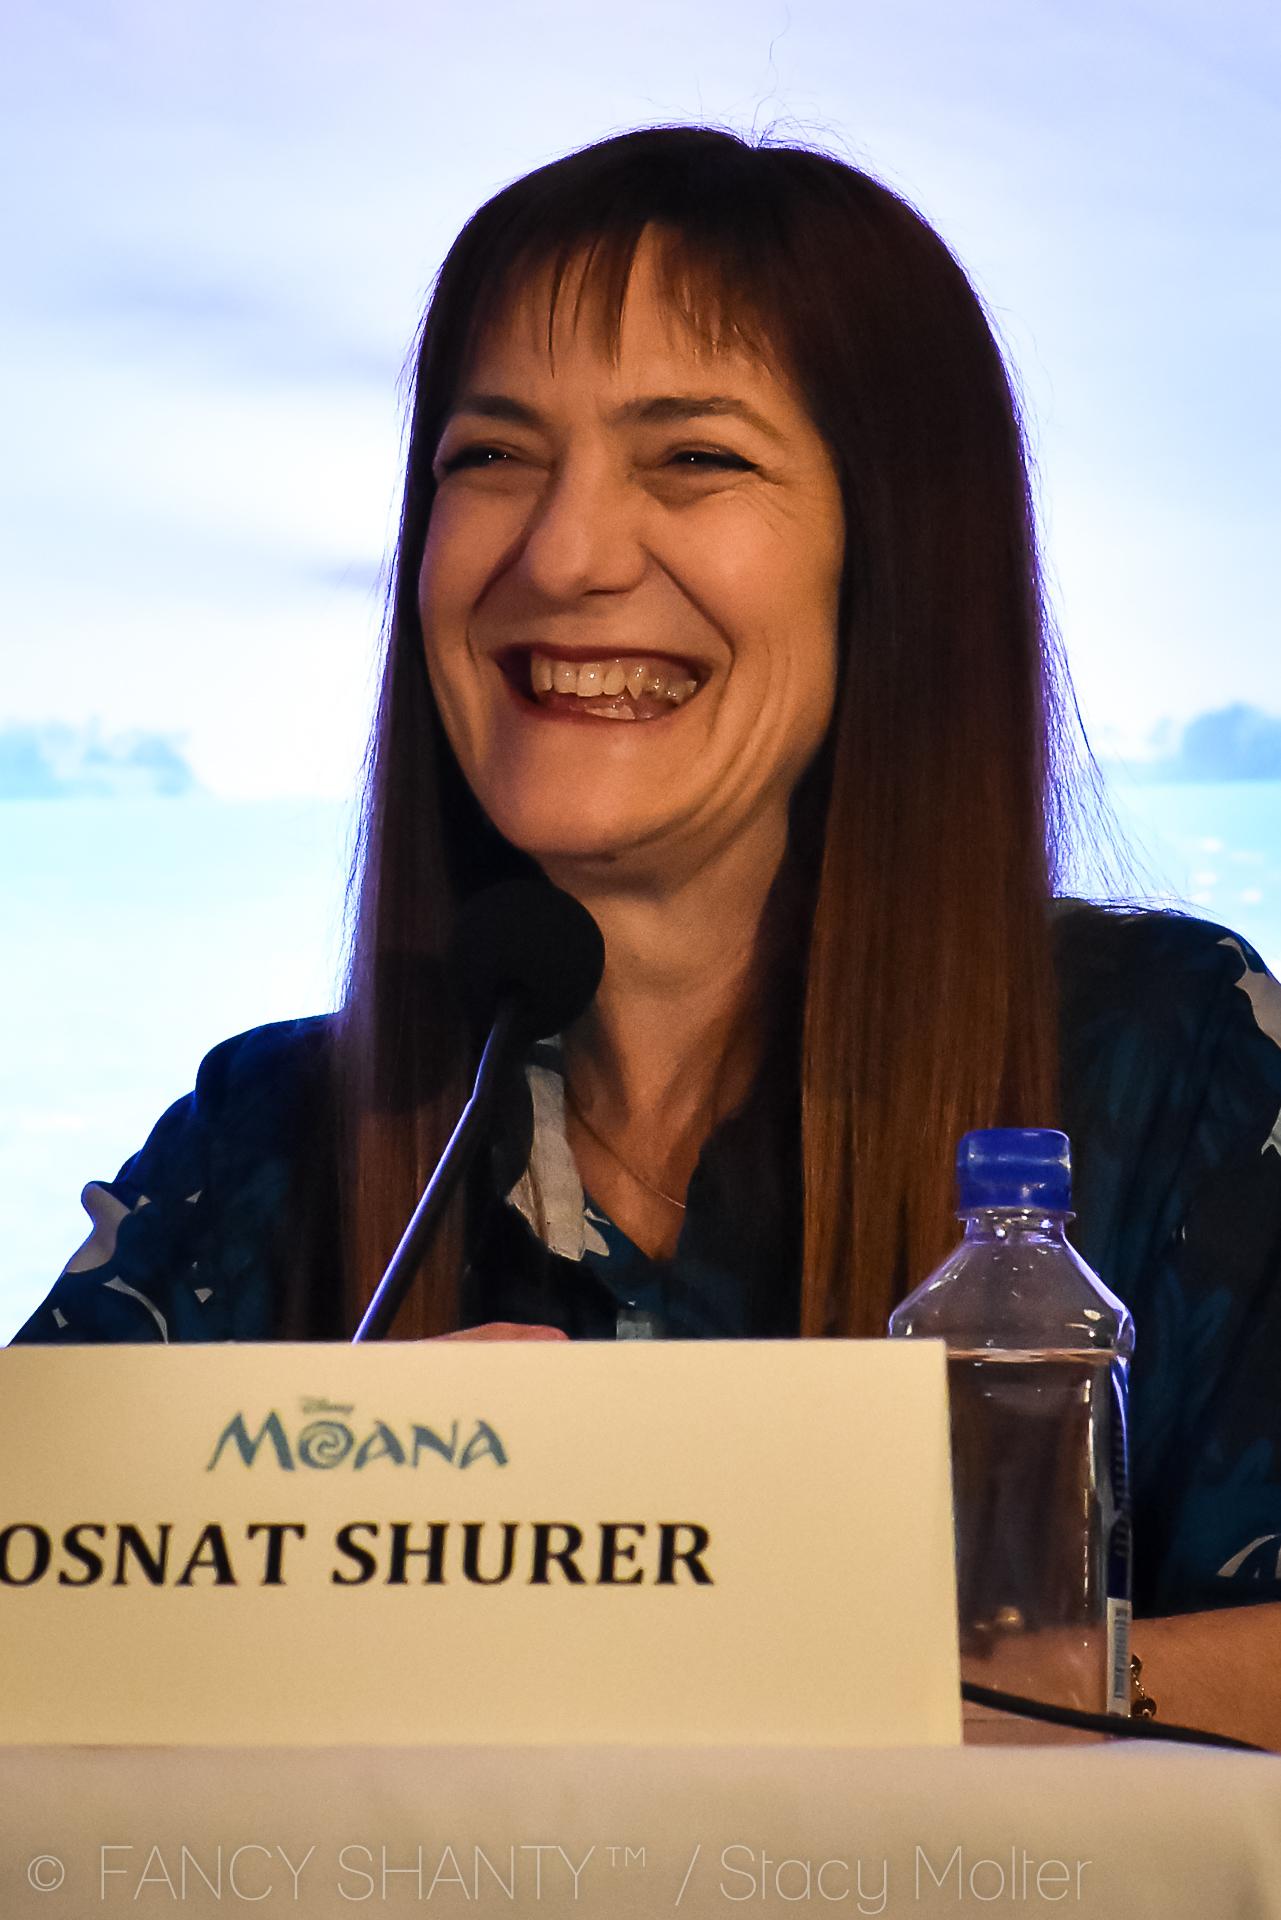 Osnat Shurer -  Disney's Moana Press Conference